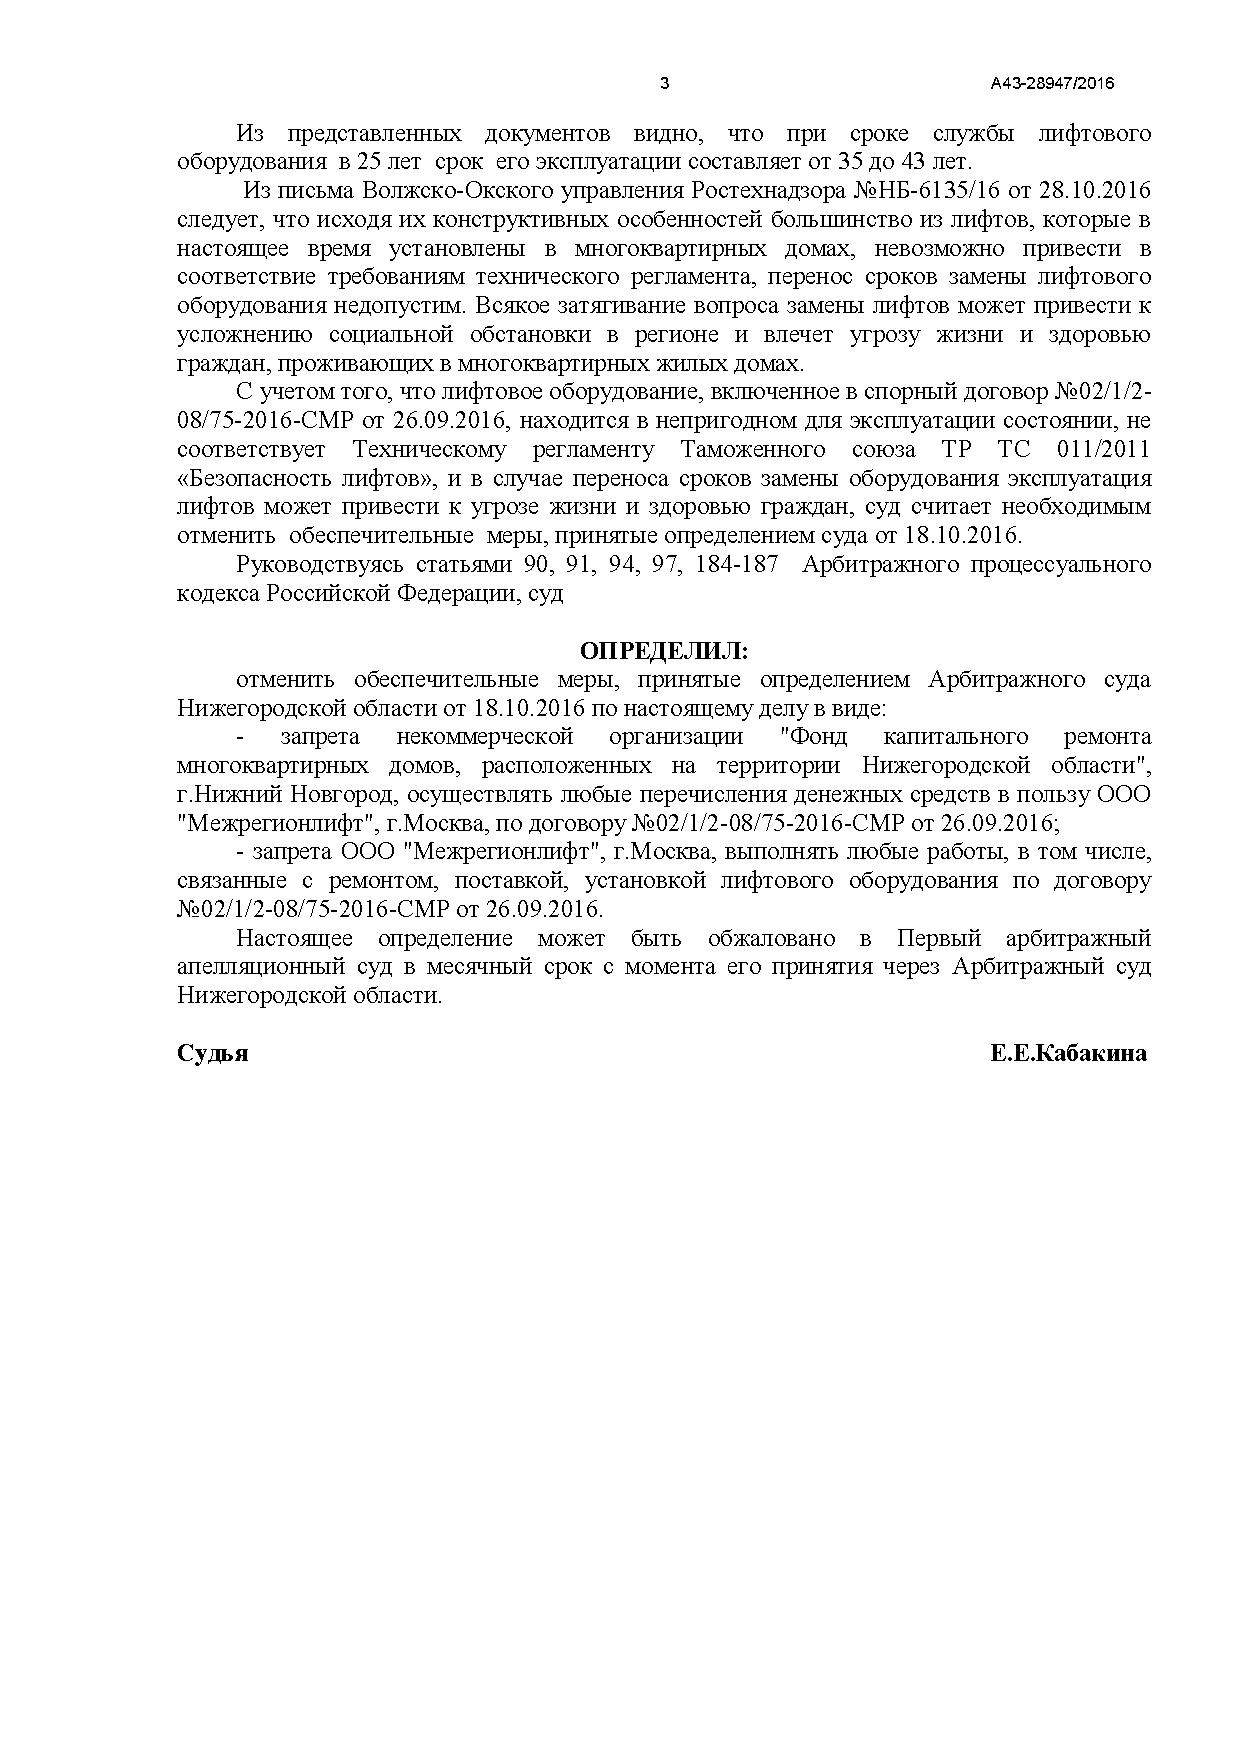 Суд снял запрет на замену лифтов в Нижегородской области